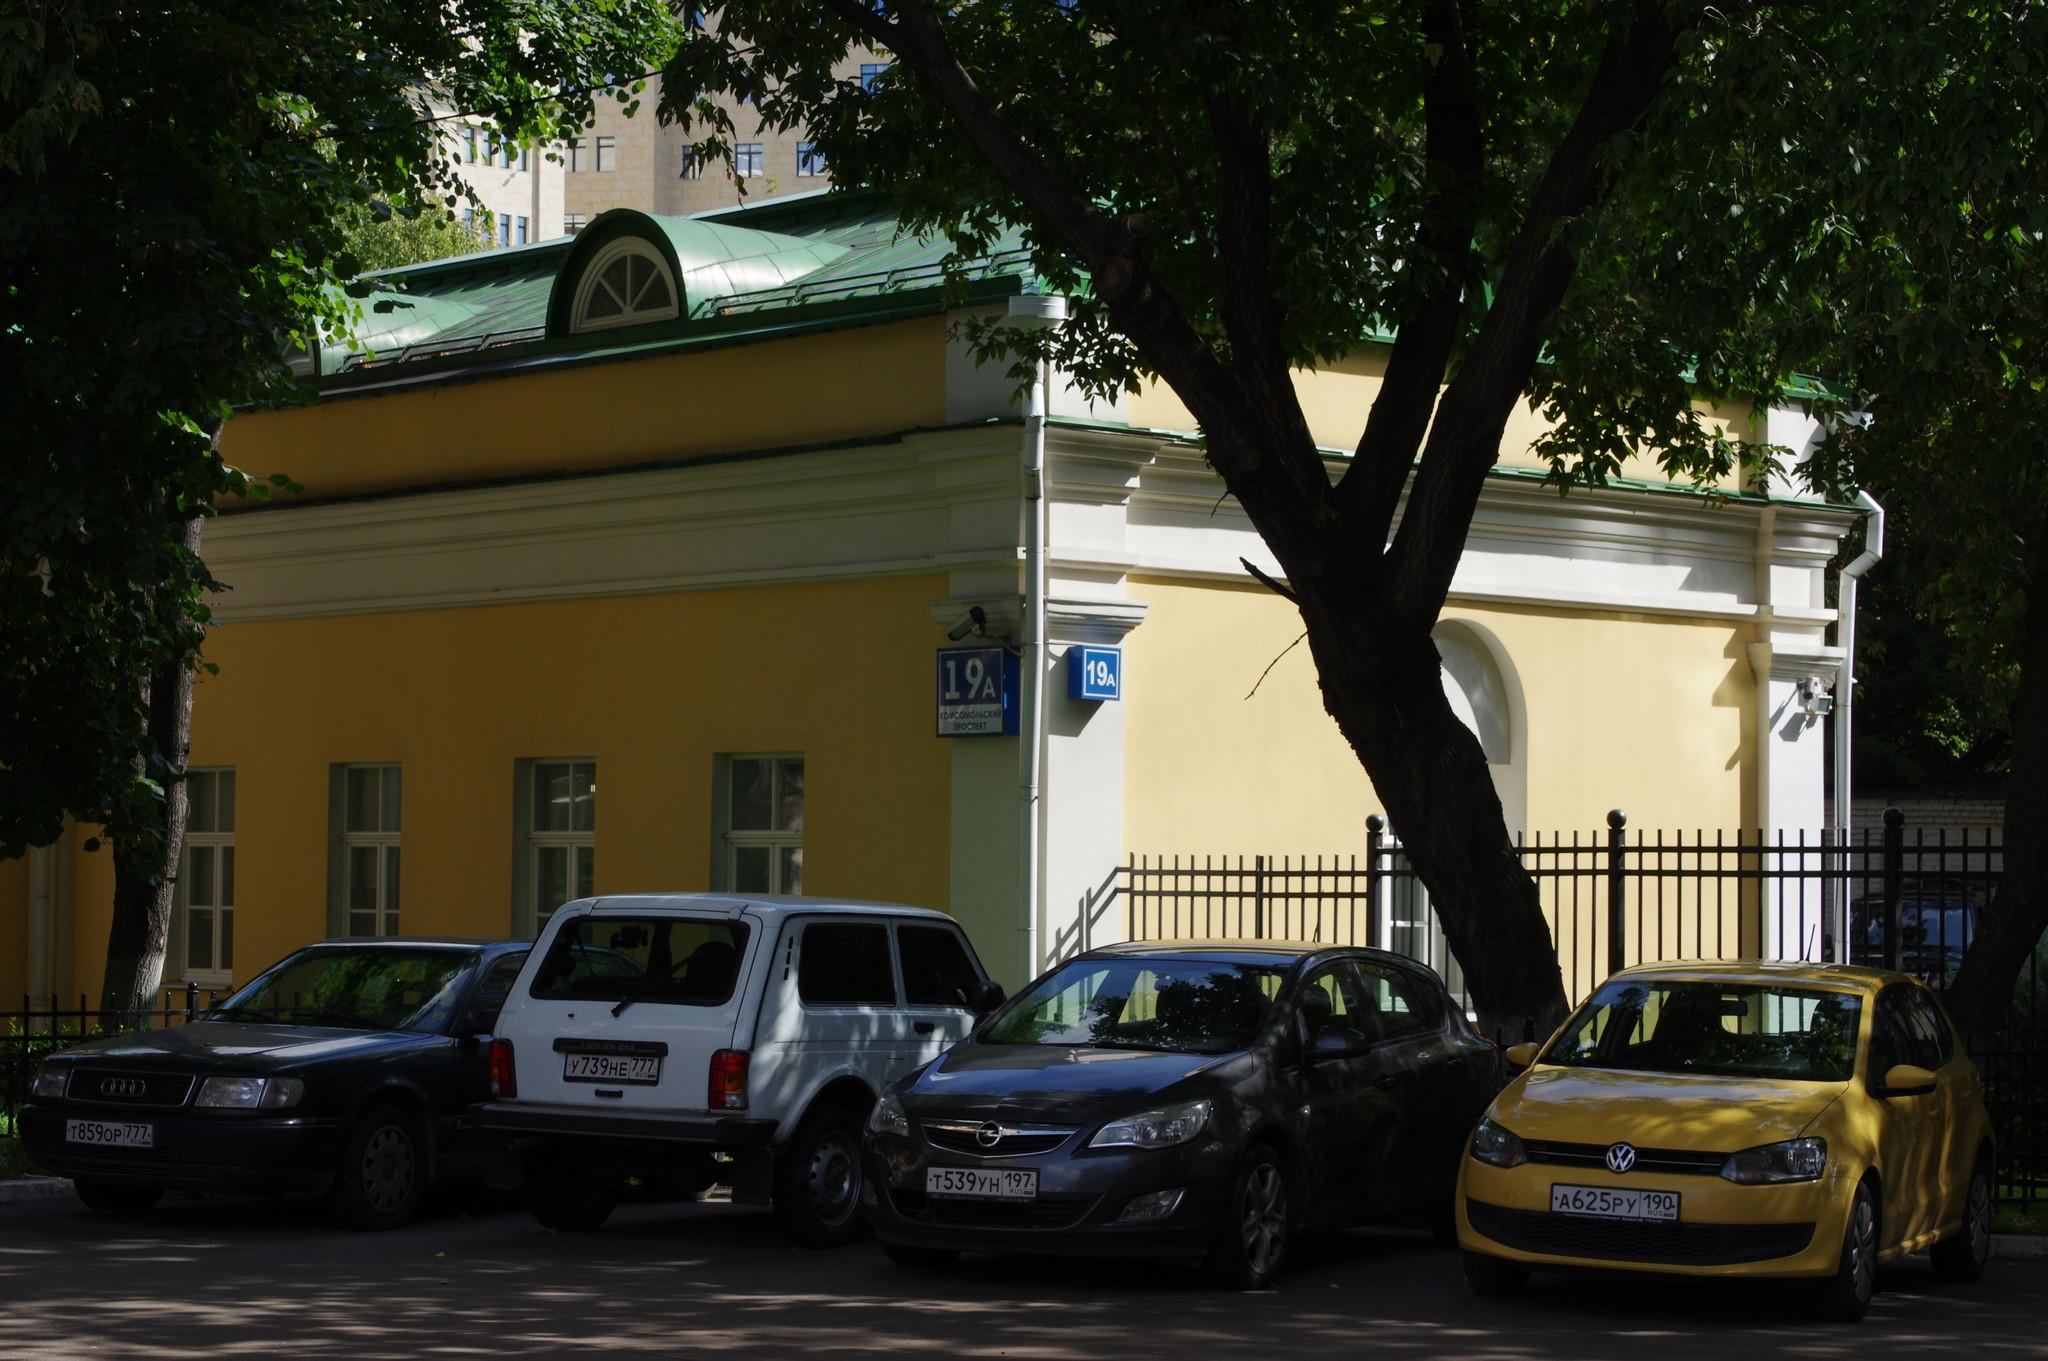 Гауптвахта. Здание построено в 1808 году (Комсомольский проспект, 19А)